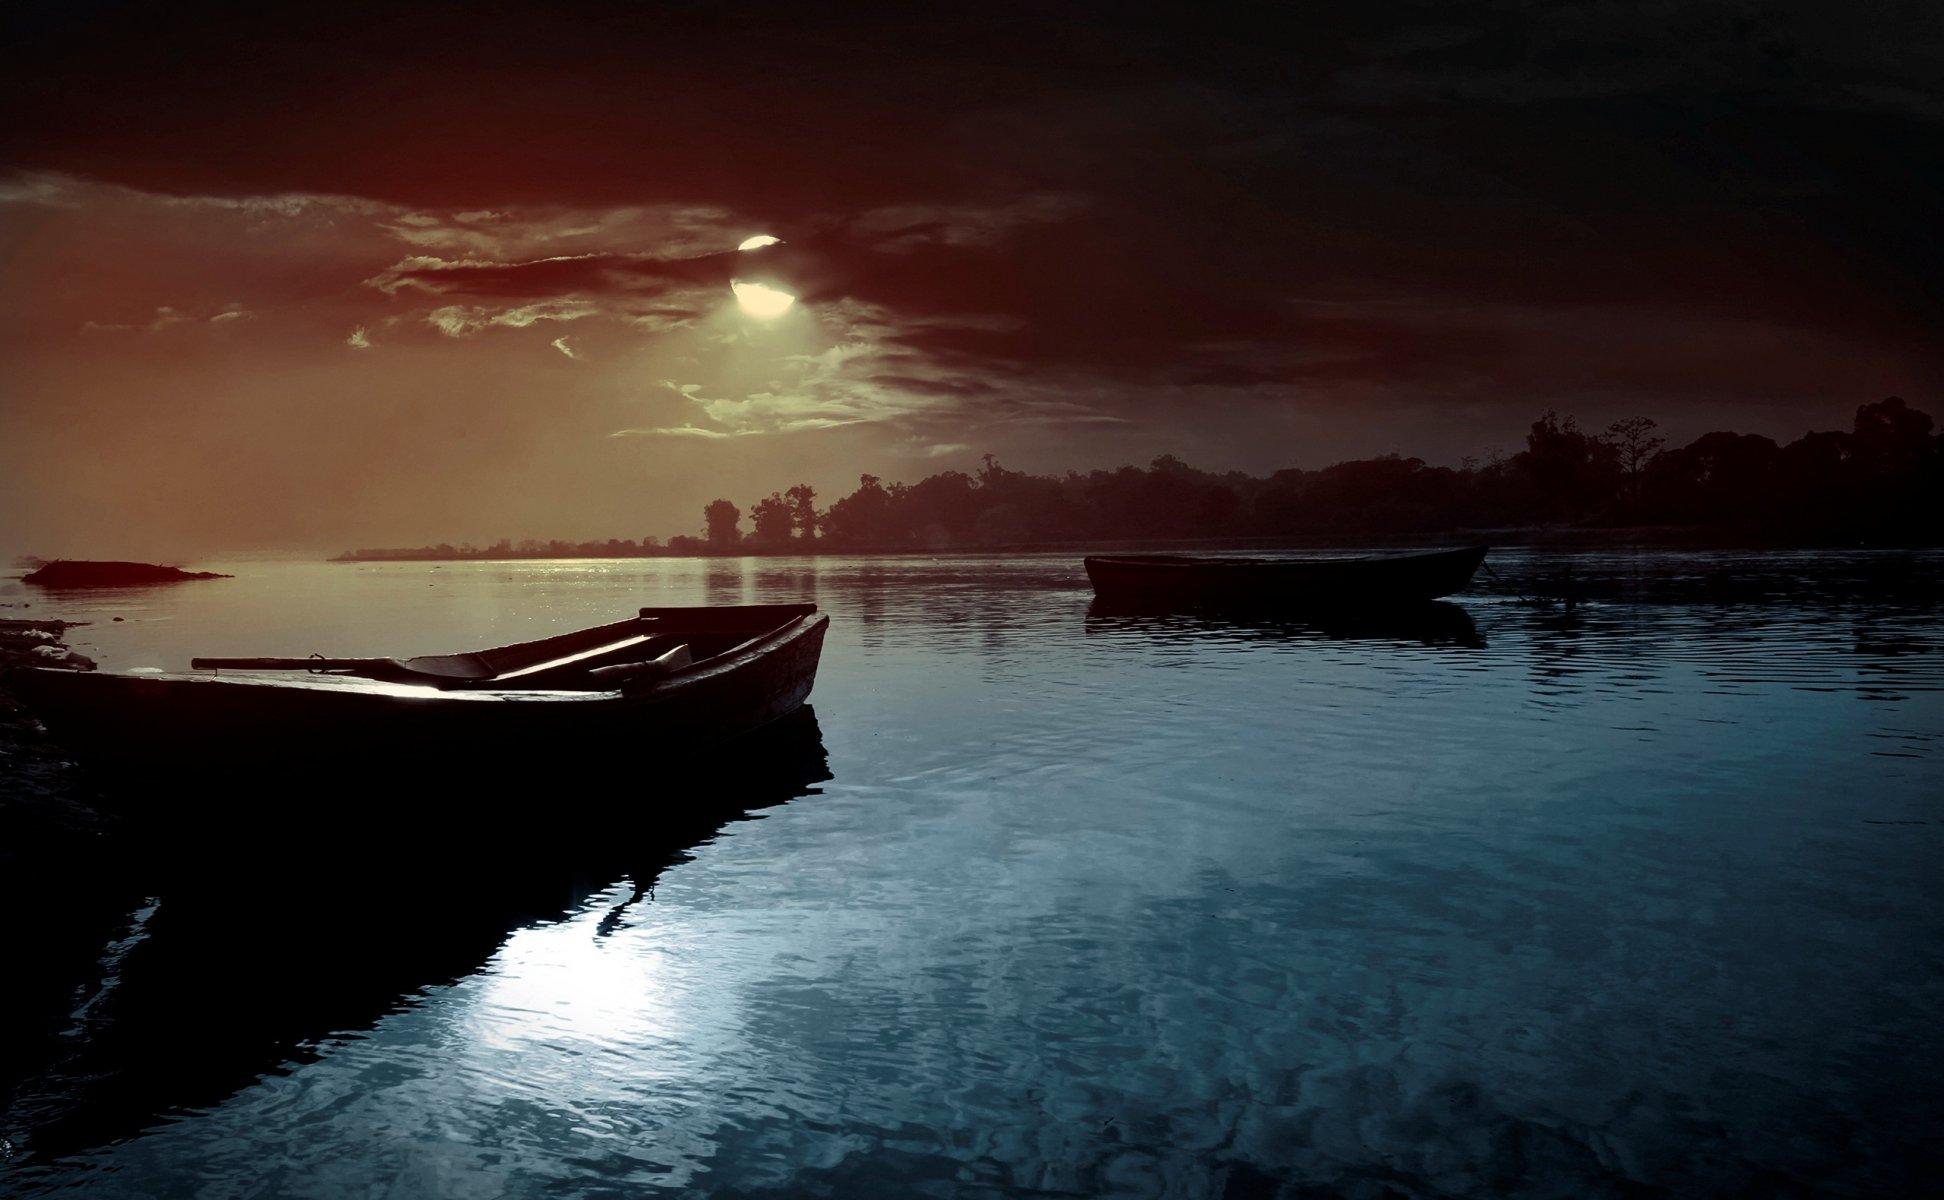 Обои рисунок, Вода, лодки, ночь, свет. Разное foto 10